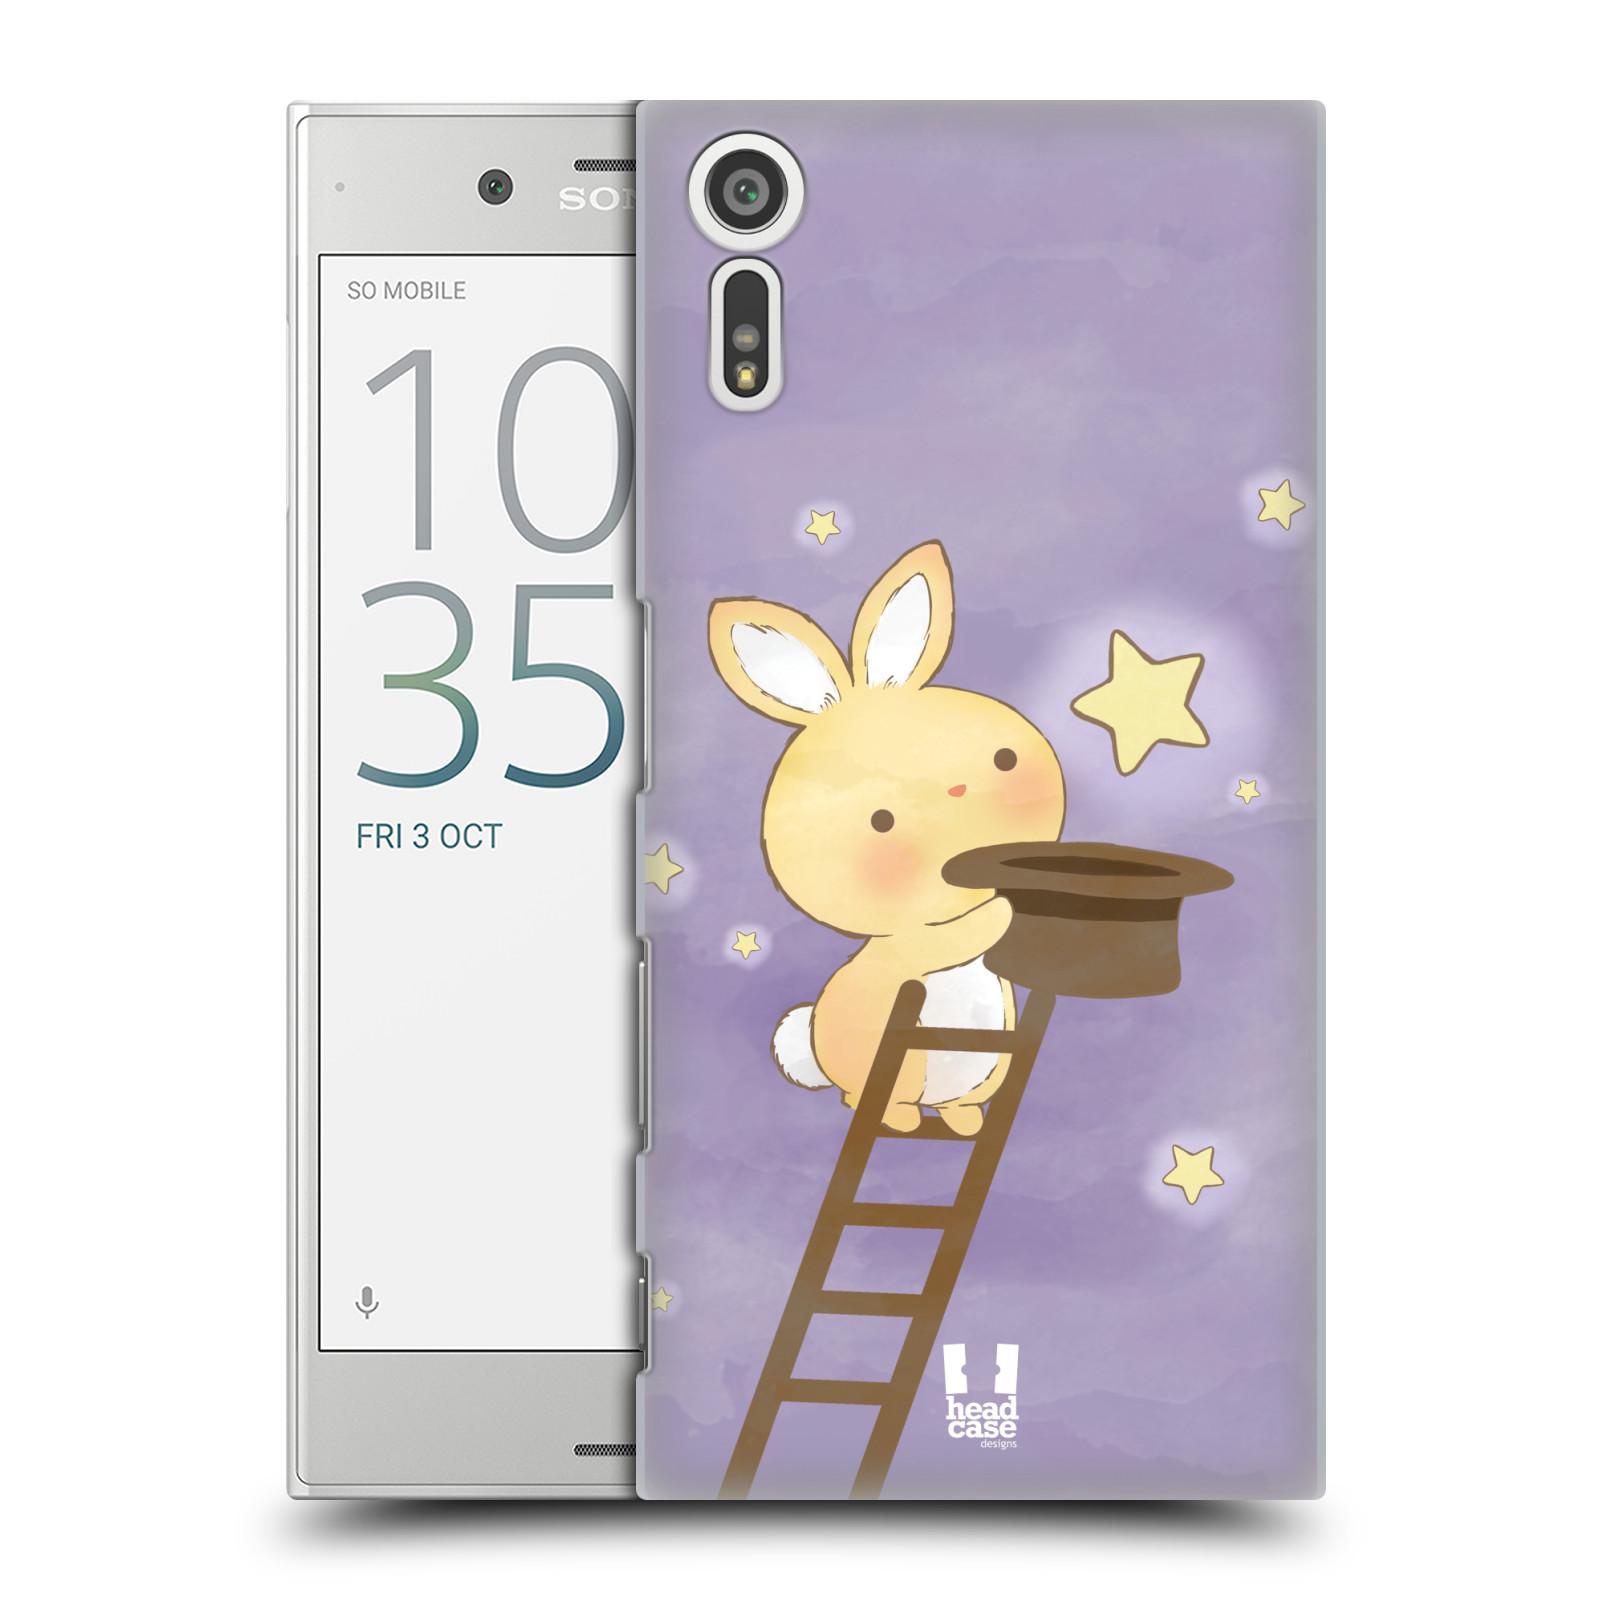 HEAD CASE plastový obal na mobil Sony Xperia XZ vzor králíček a hvězdy fialová